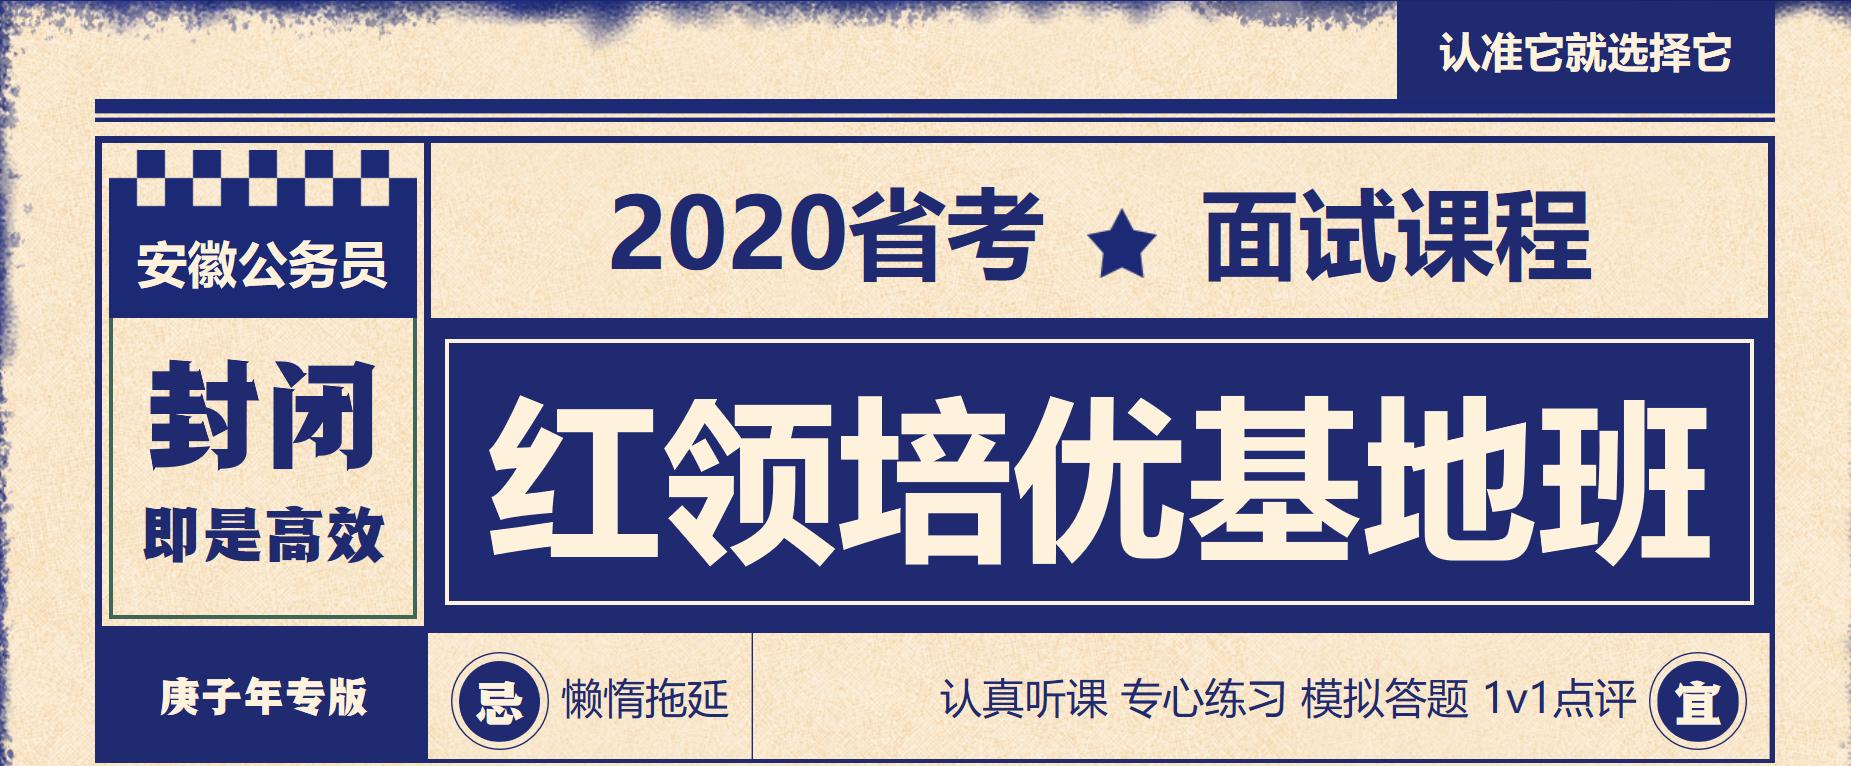 安徽人事考试网2020安徽安徽公务员考试面试辅导班培训